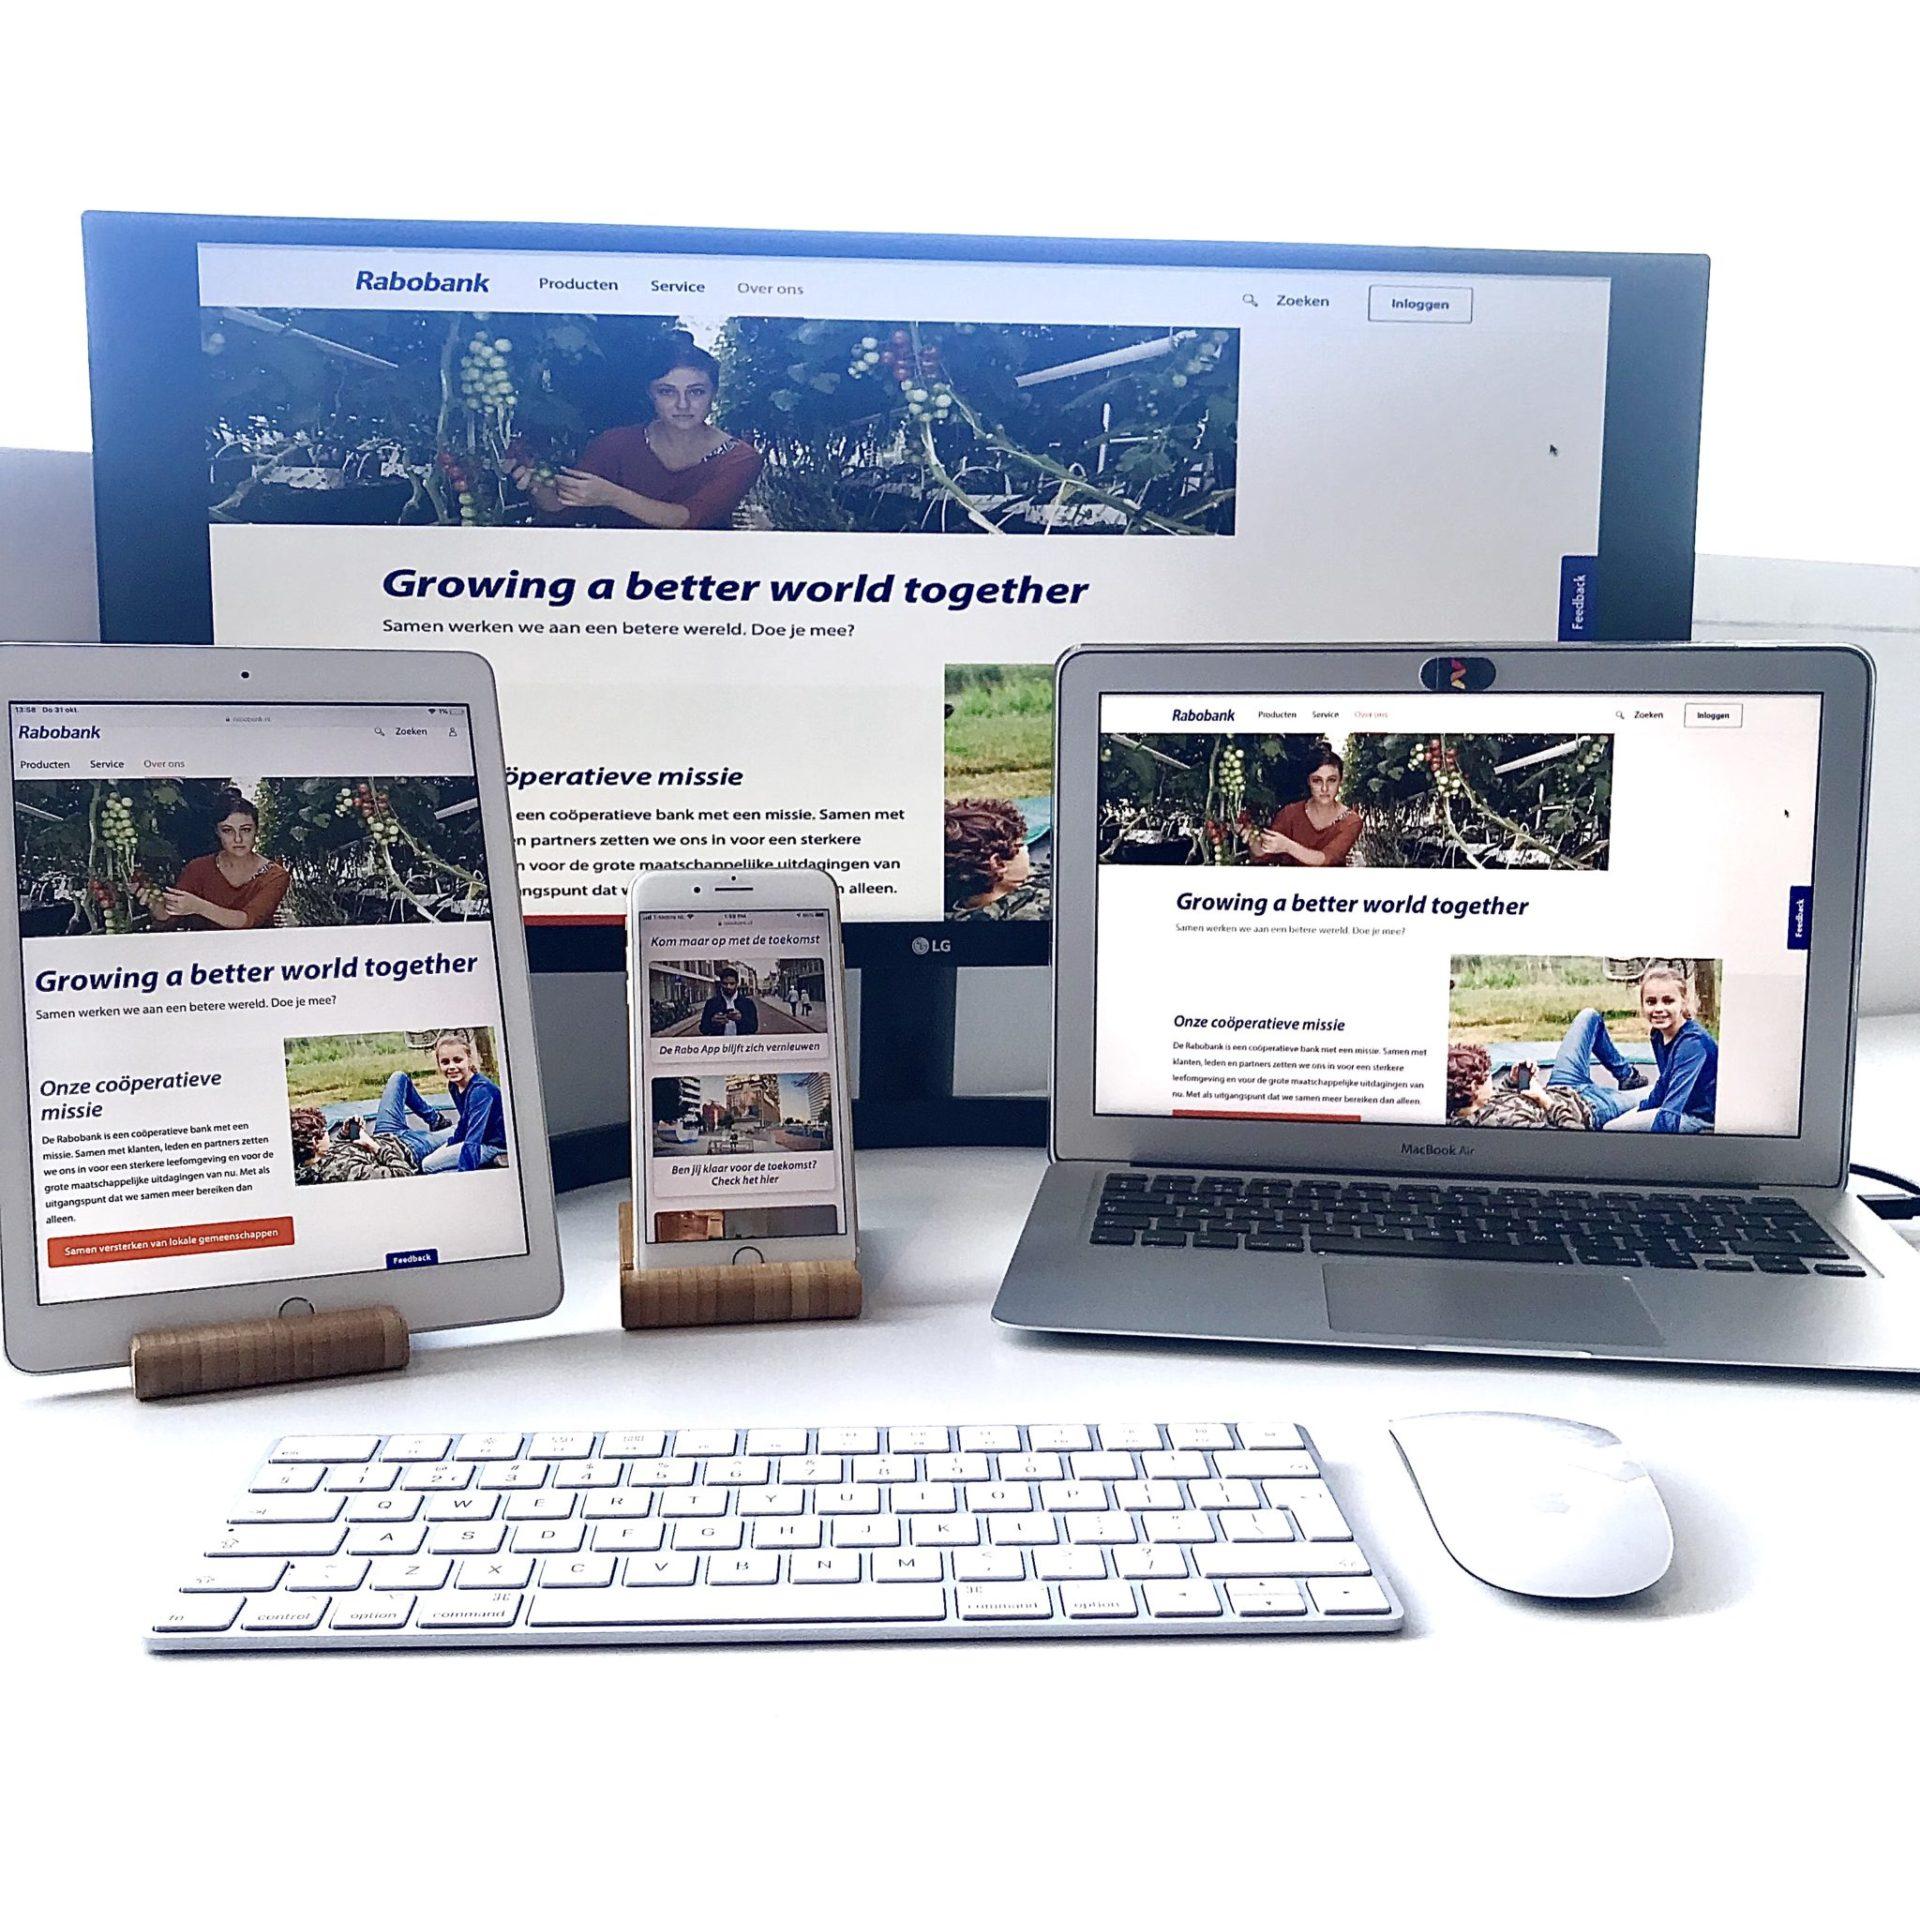 Social media training for Rabobank